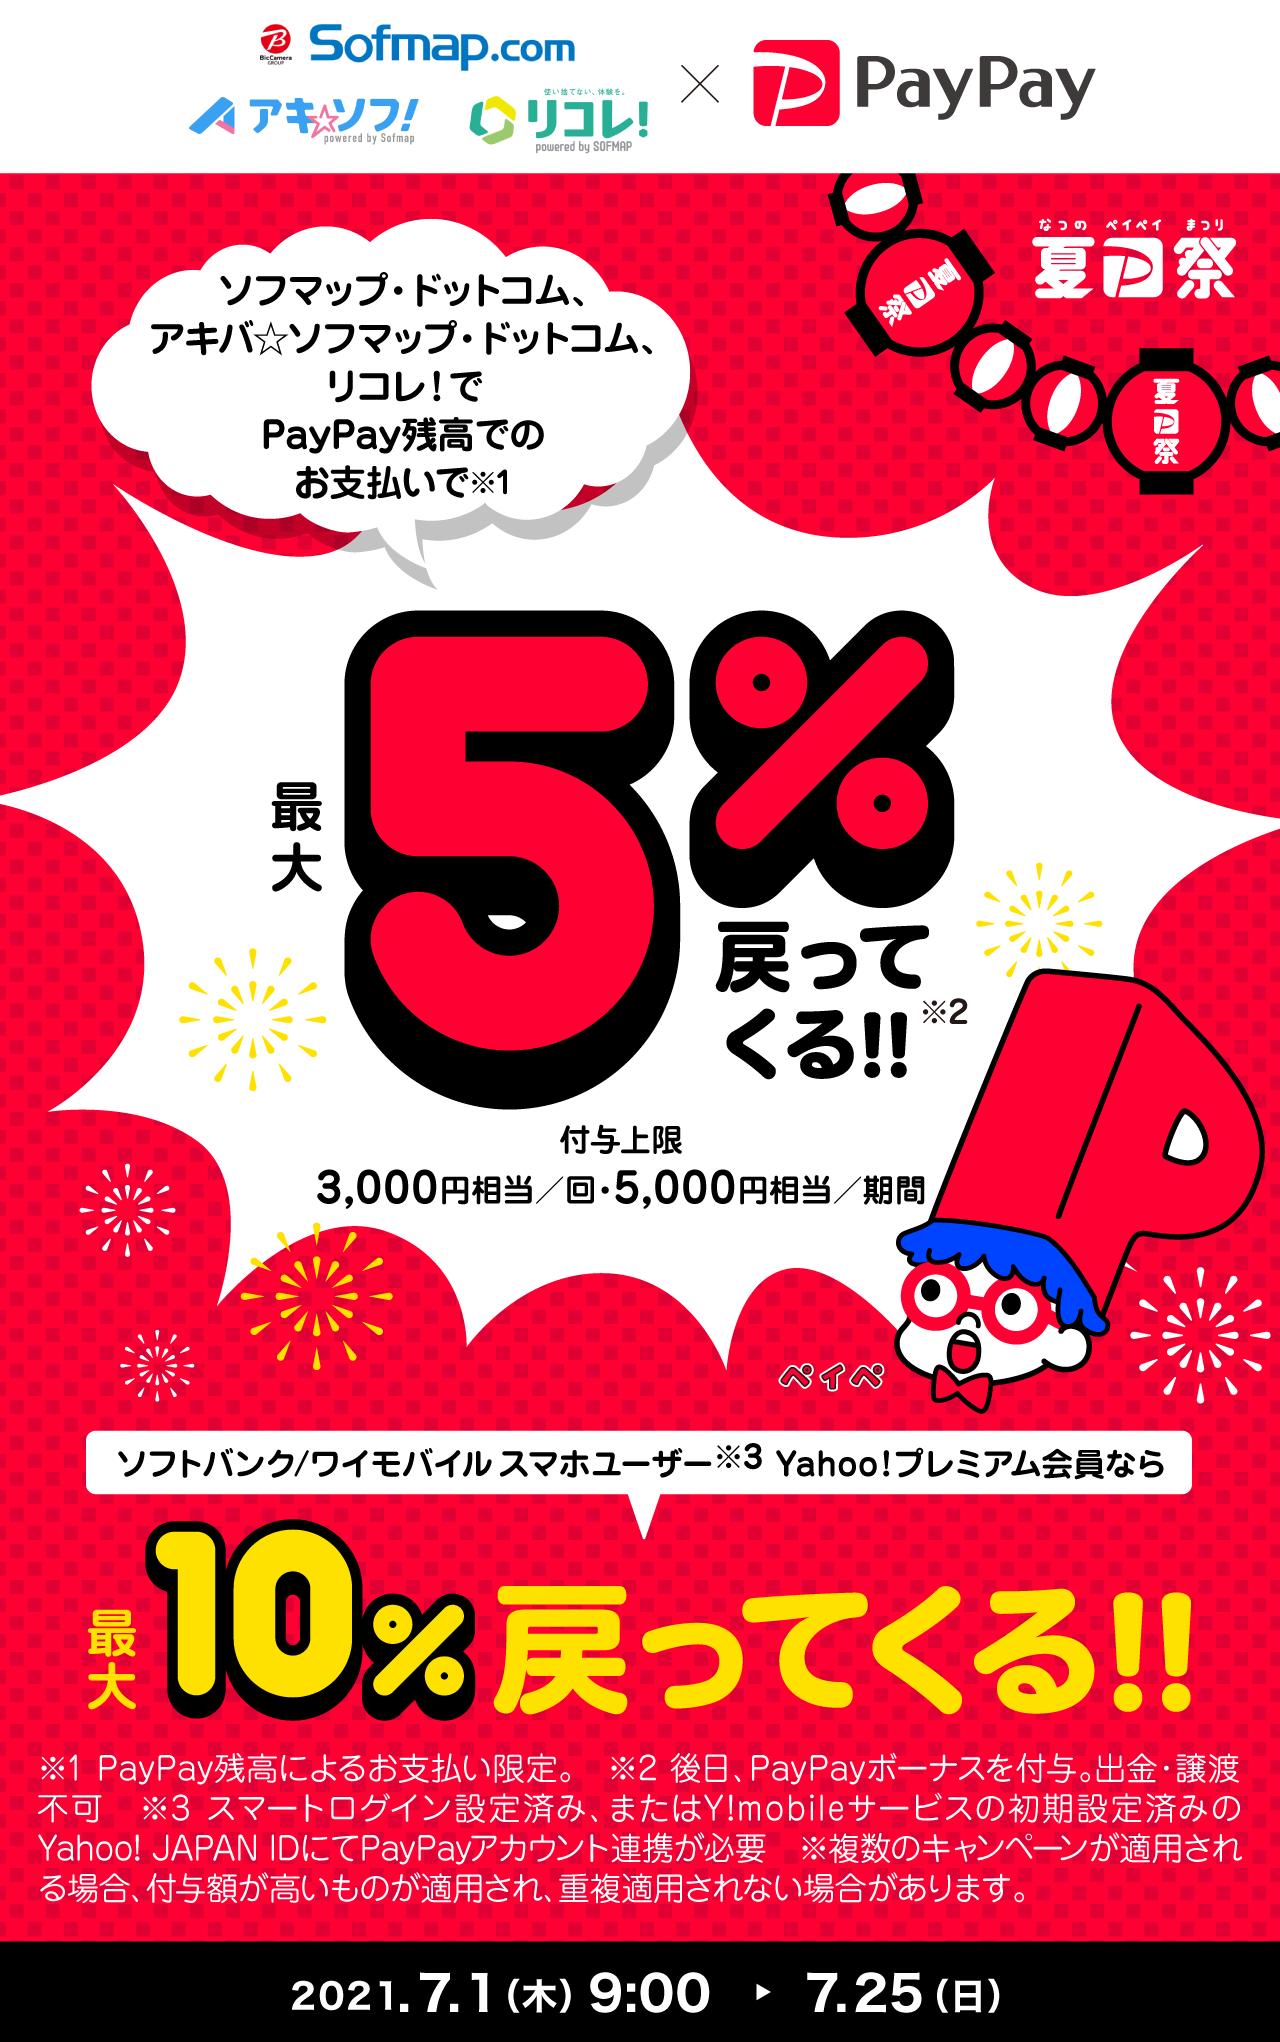 ソフマップ・ドットコム、アキバ☆ソフマップ・ドットコム、リコレ!でPayPay残高でのお支払いで 最大5%戻ってくる!!